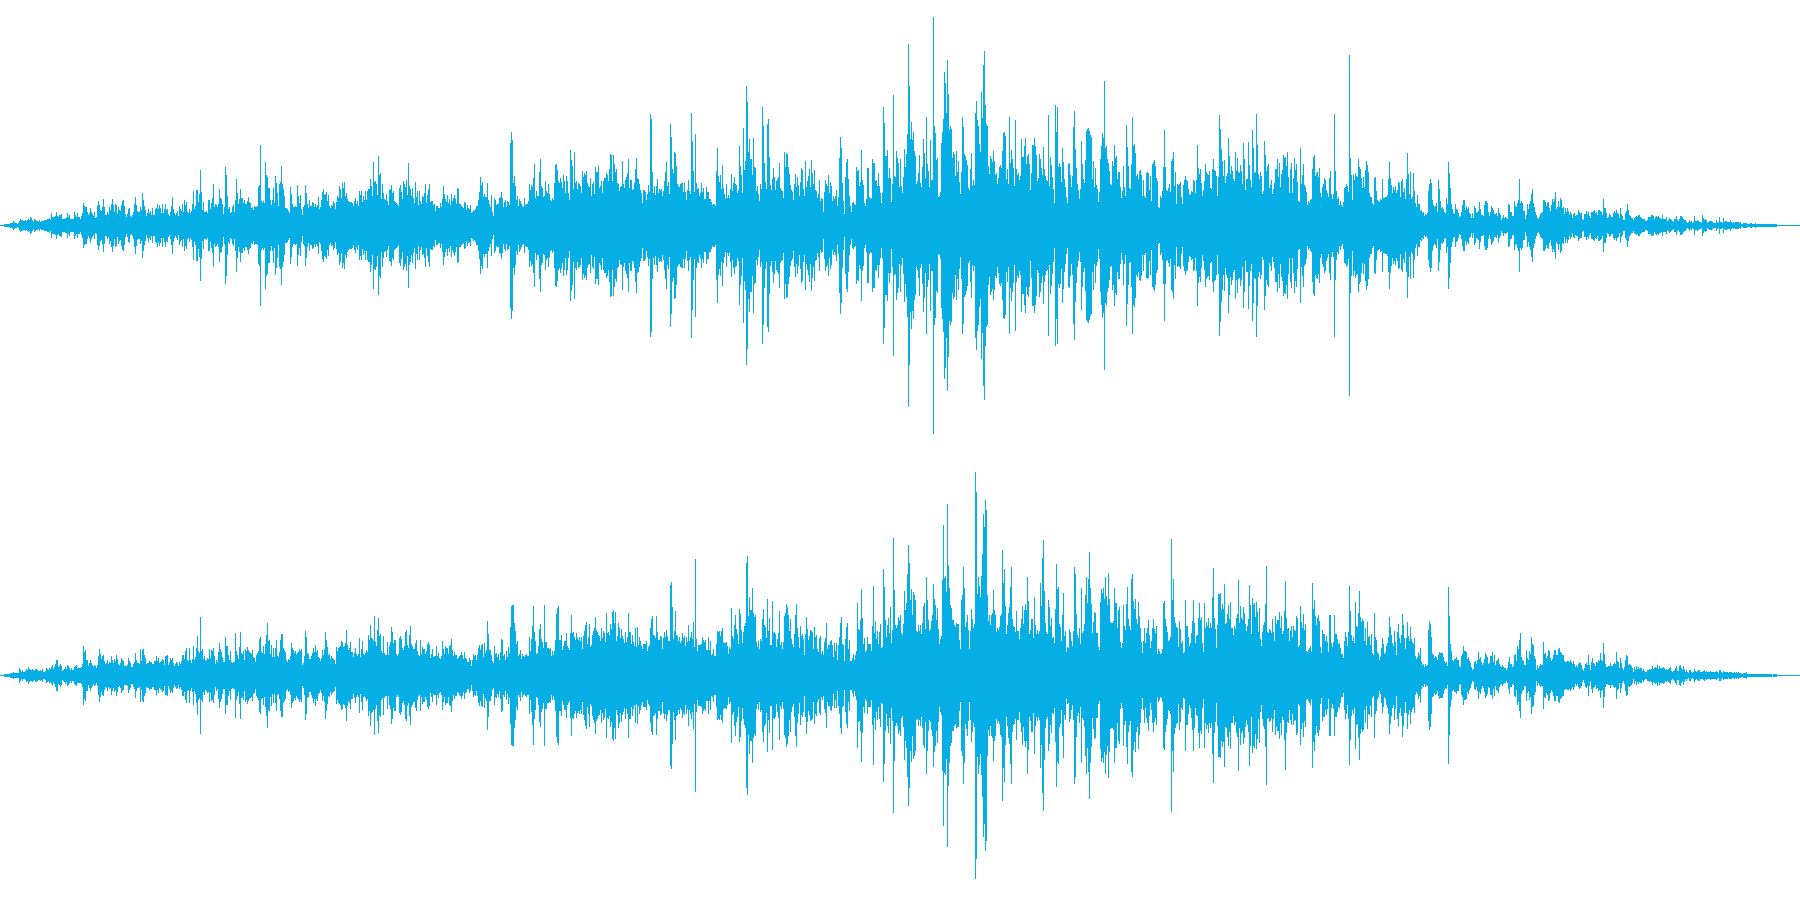 バラバラバラ (突然に降り出す雨)の再生済みの波形